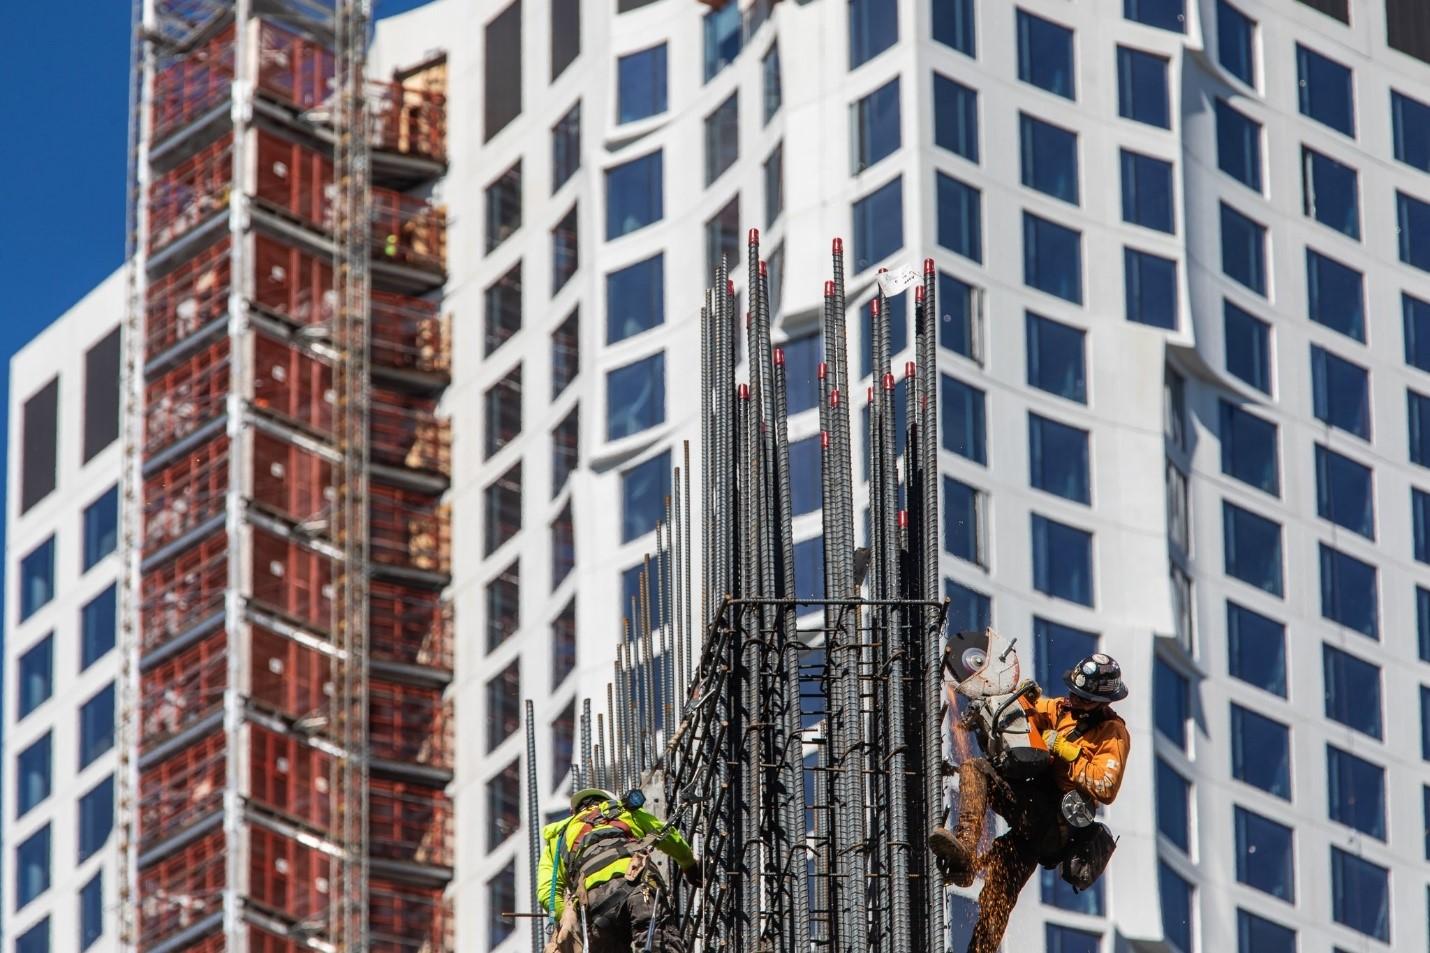 Și muncitorii s-au întors pe șantiere pentru a continua proiectele nefinalizate de la începutul carantinei. Sursă foto: Demetrius Freeman/New York Times